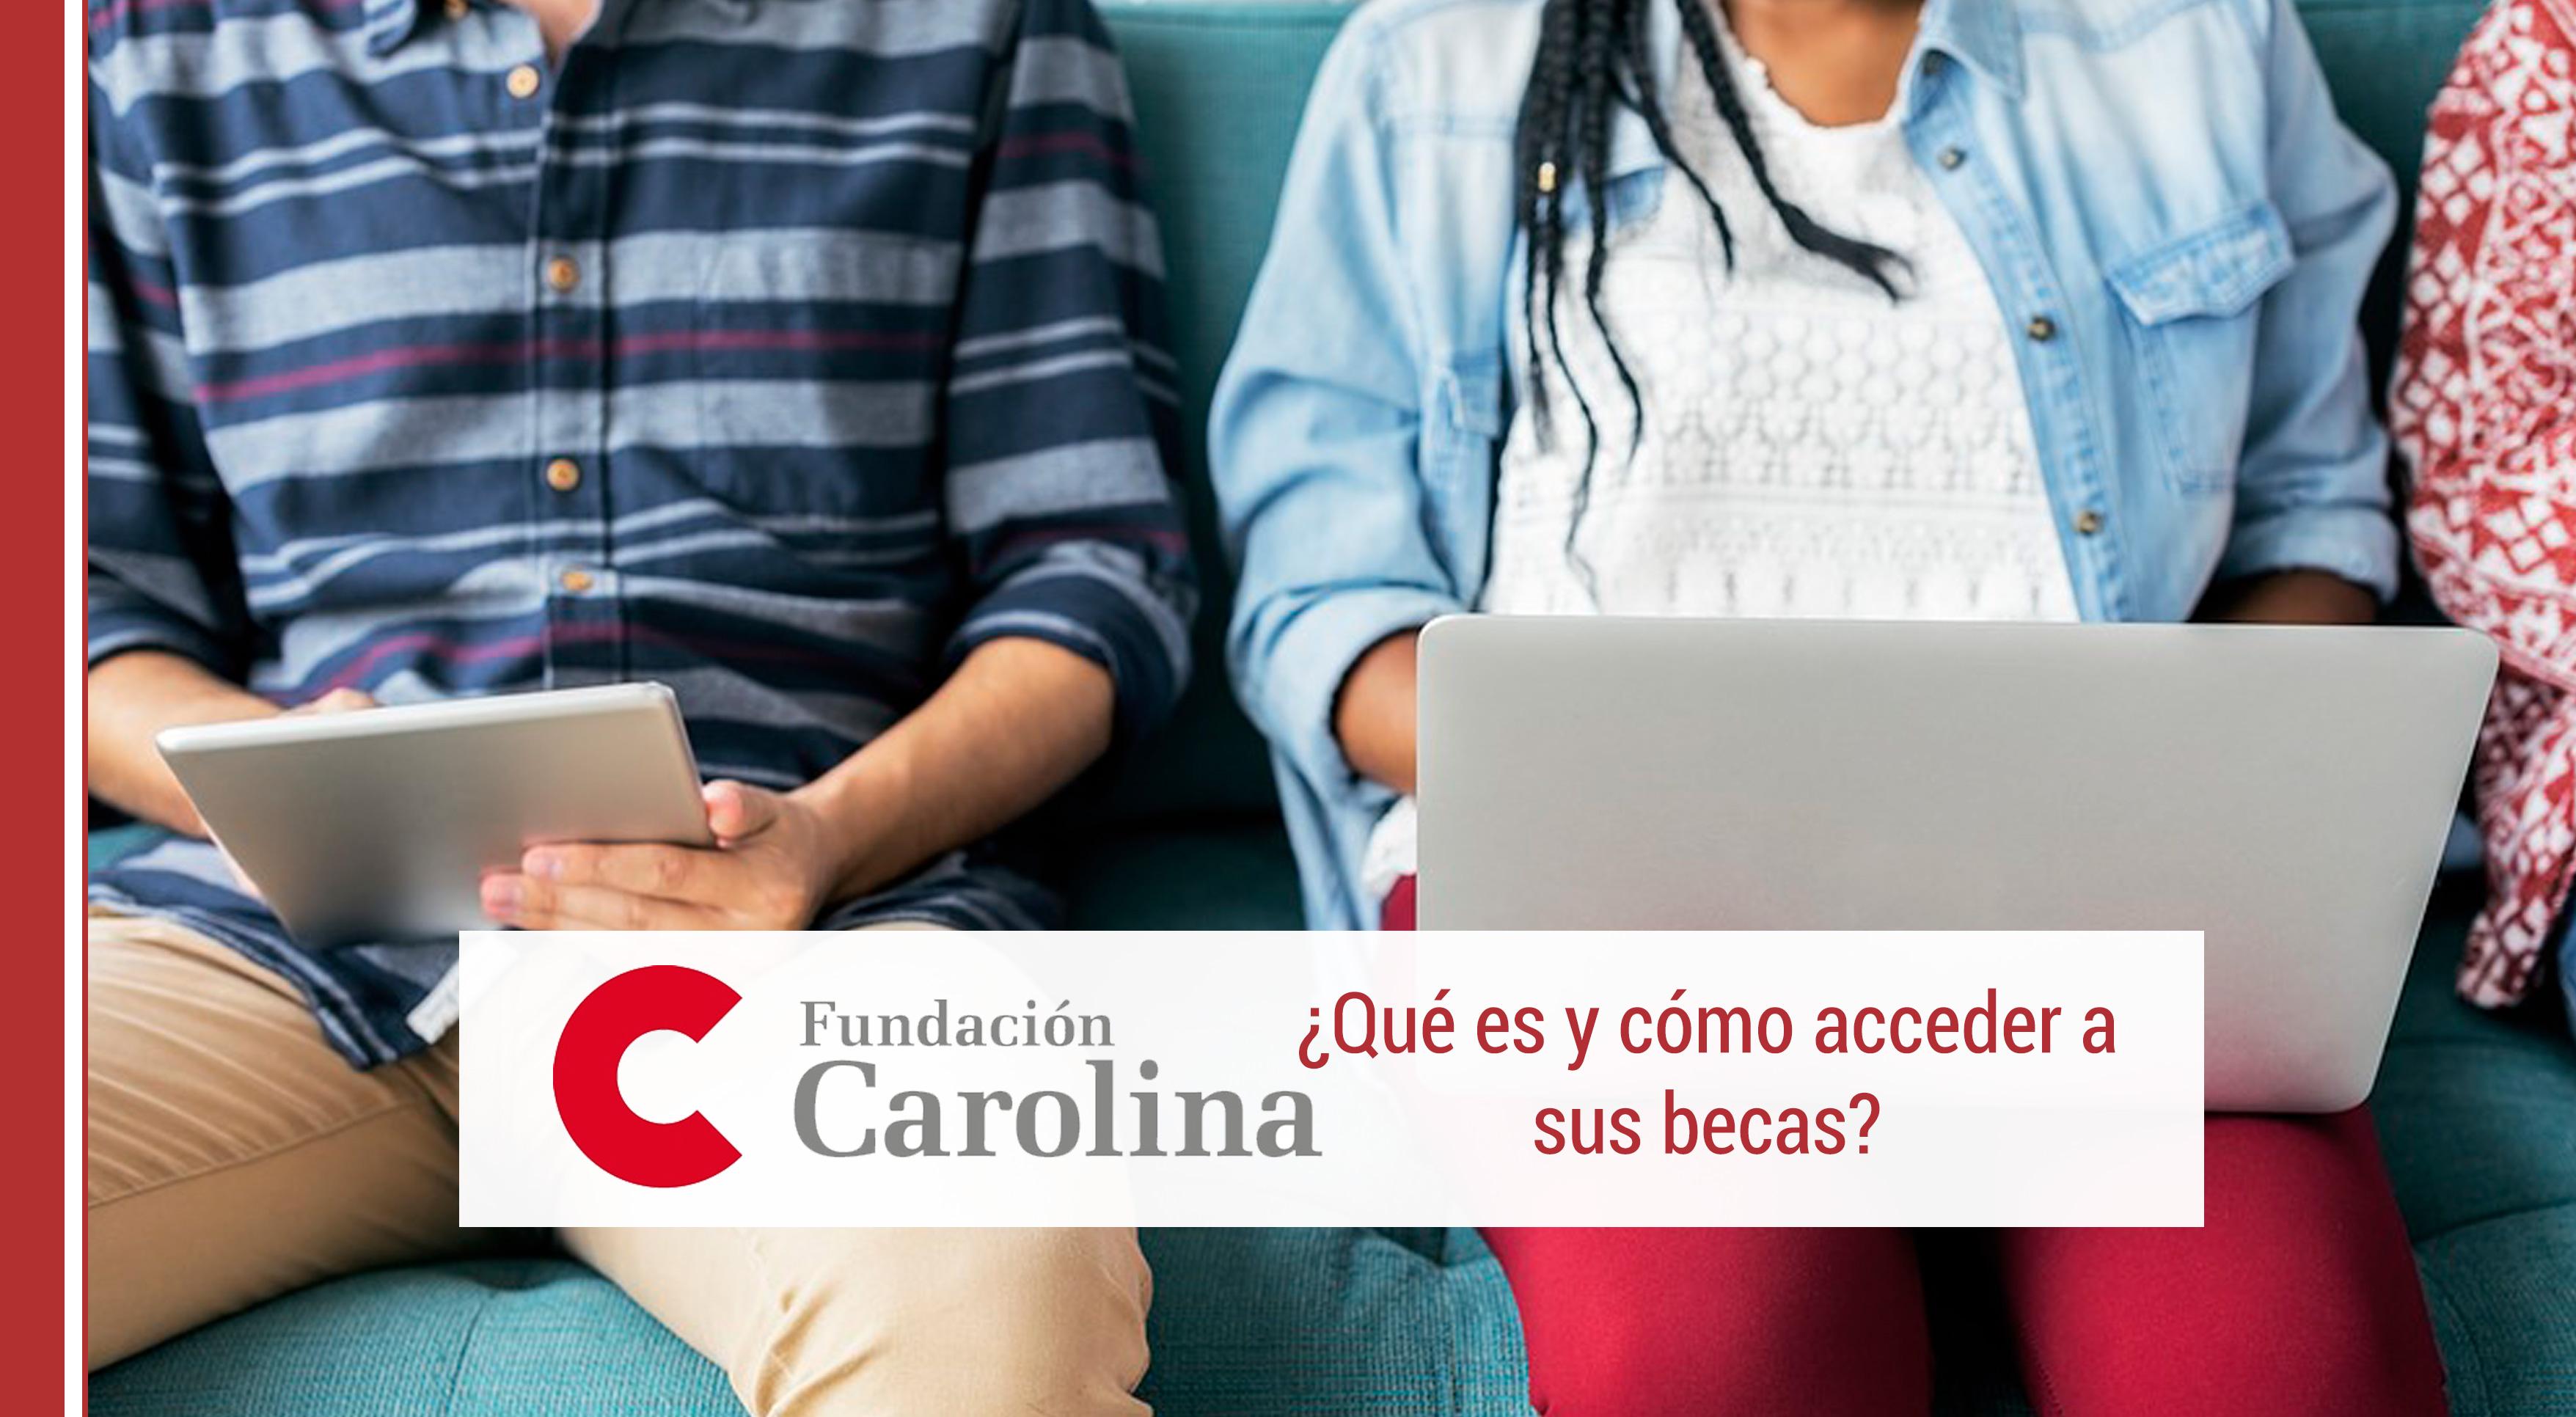 fundacion-carolina-que-es-becas Fundación Carolina: ¿Qué es y cómo acceder a sus becas?